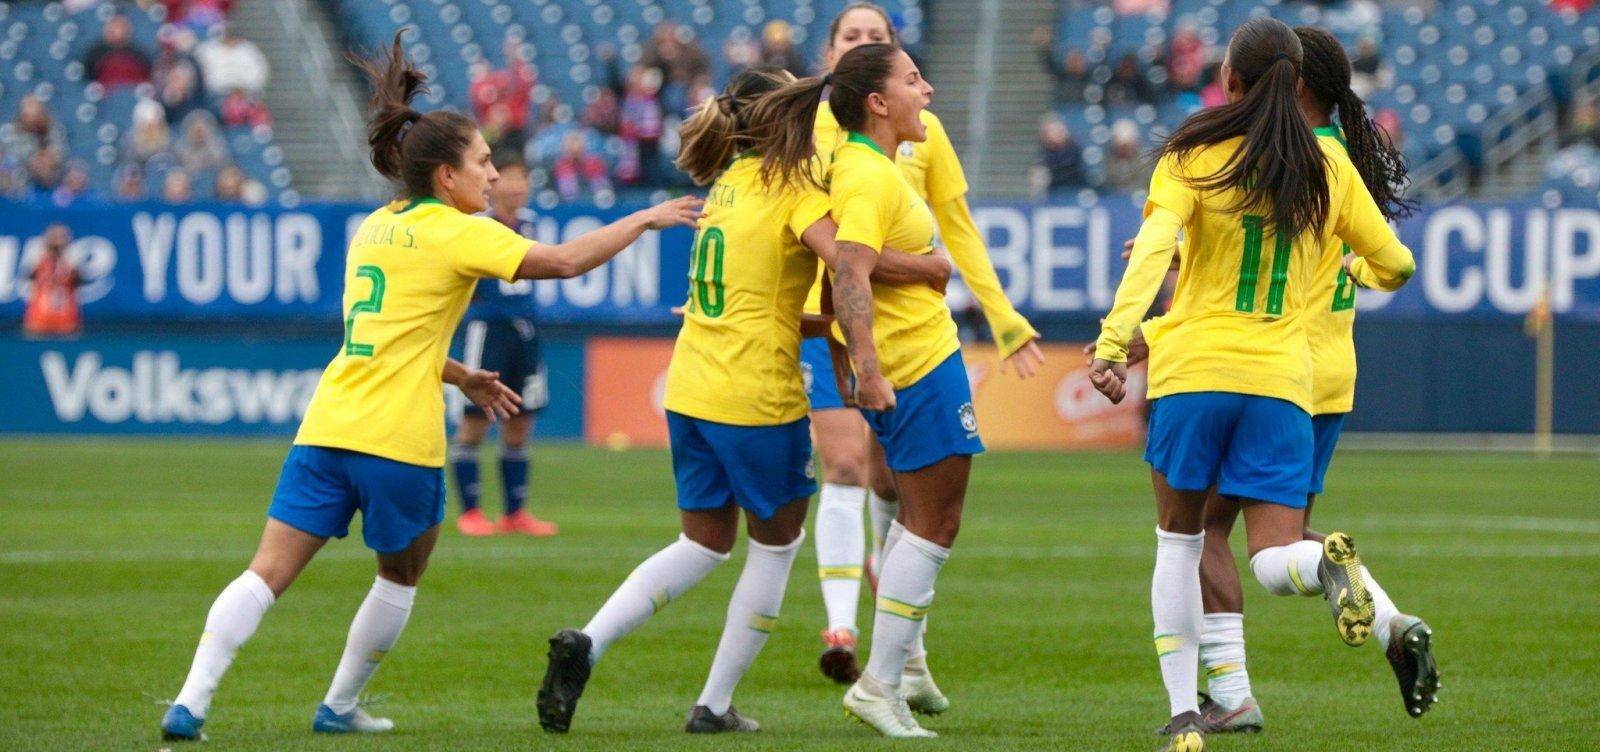 Com atleta baiana, seleção feminina é convocada para Mundial da França